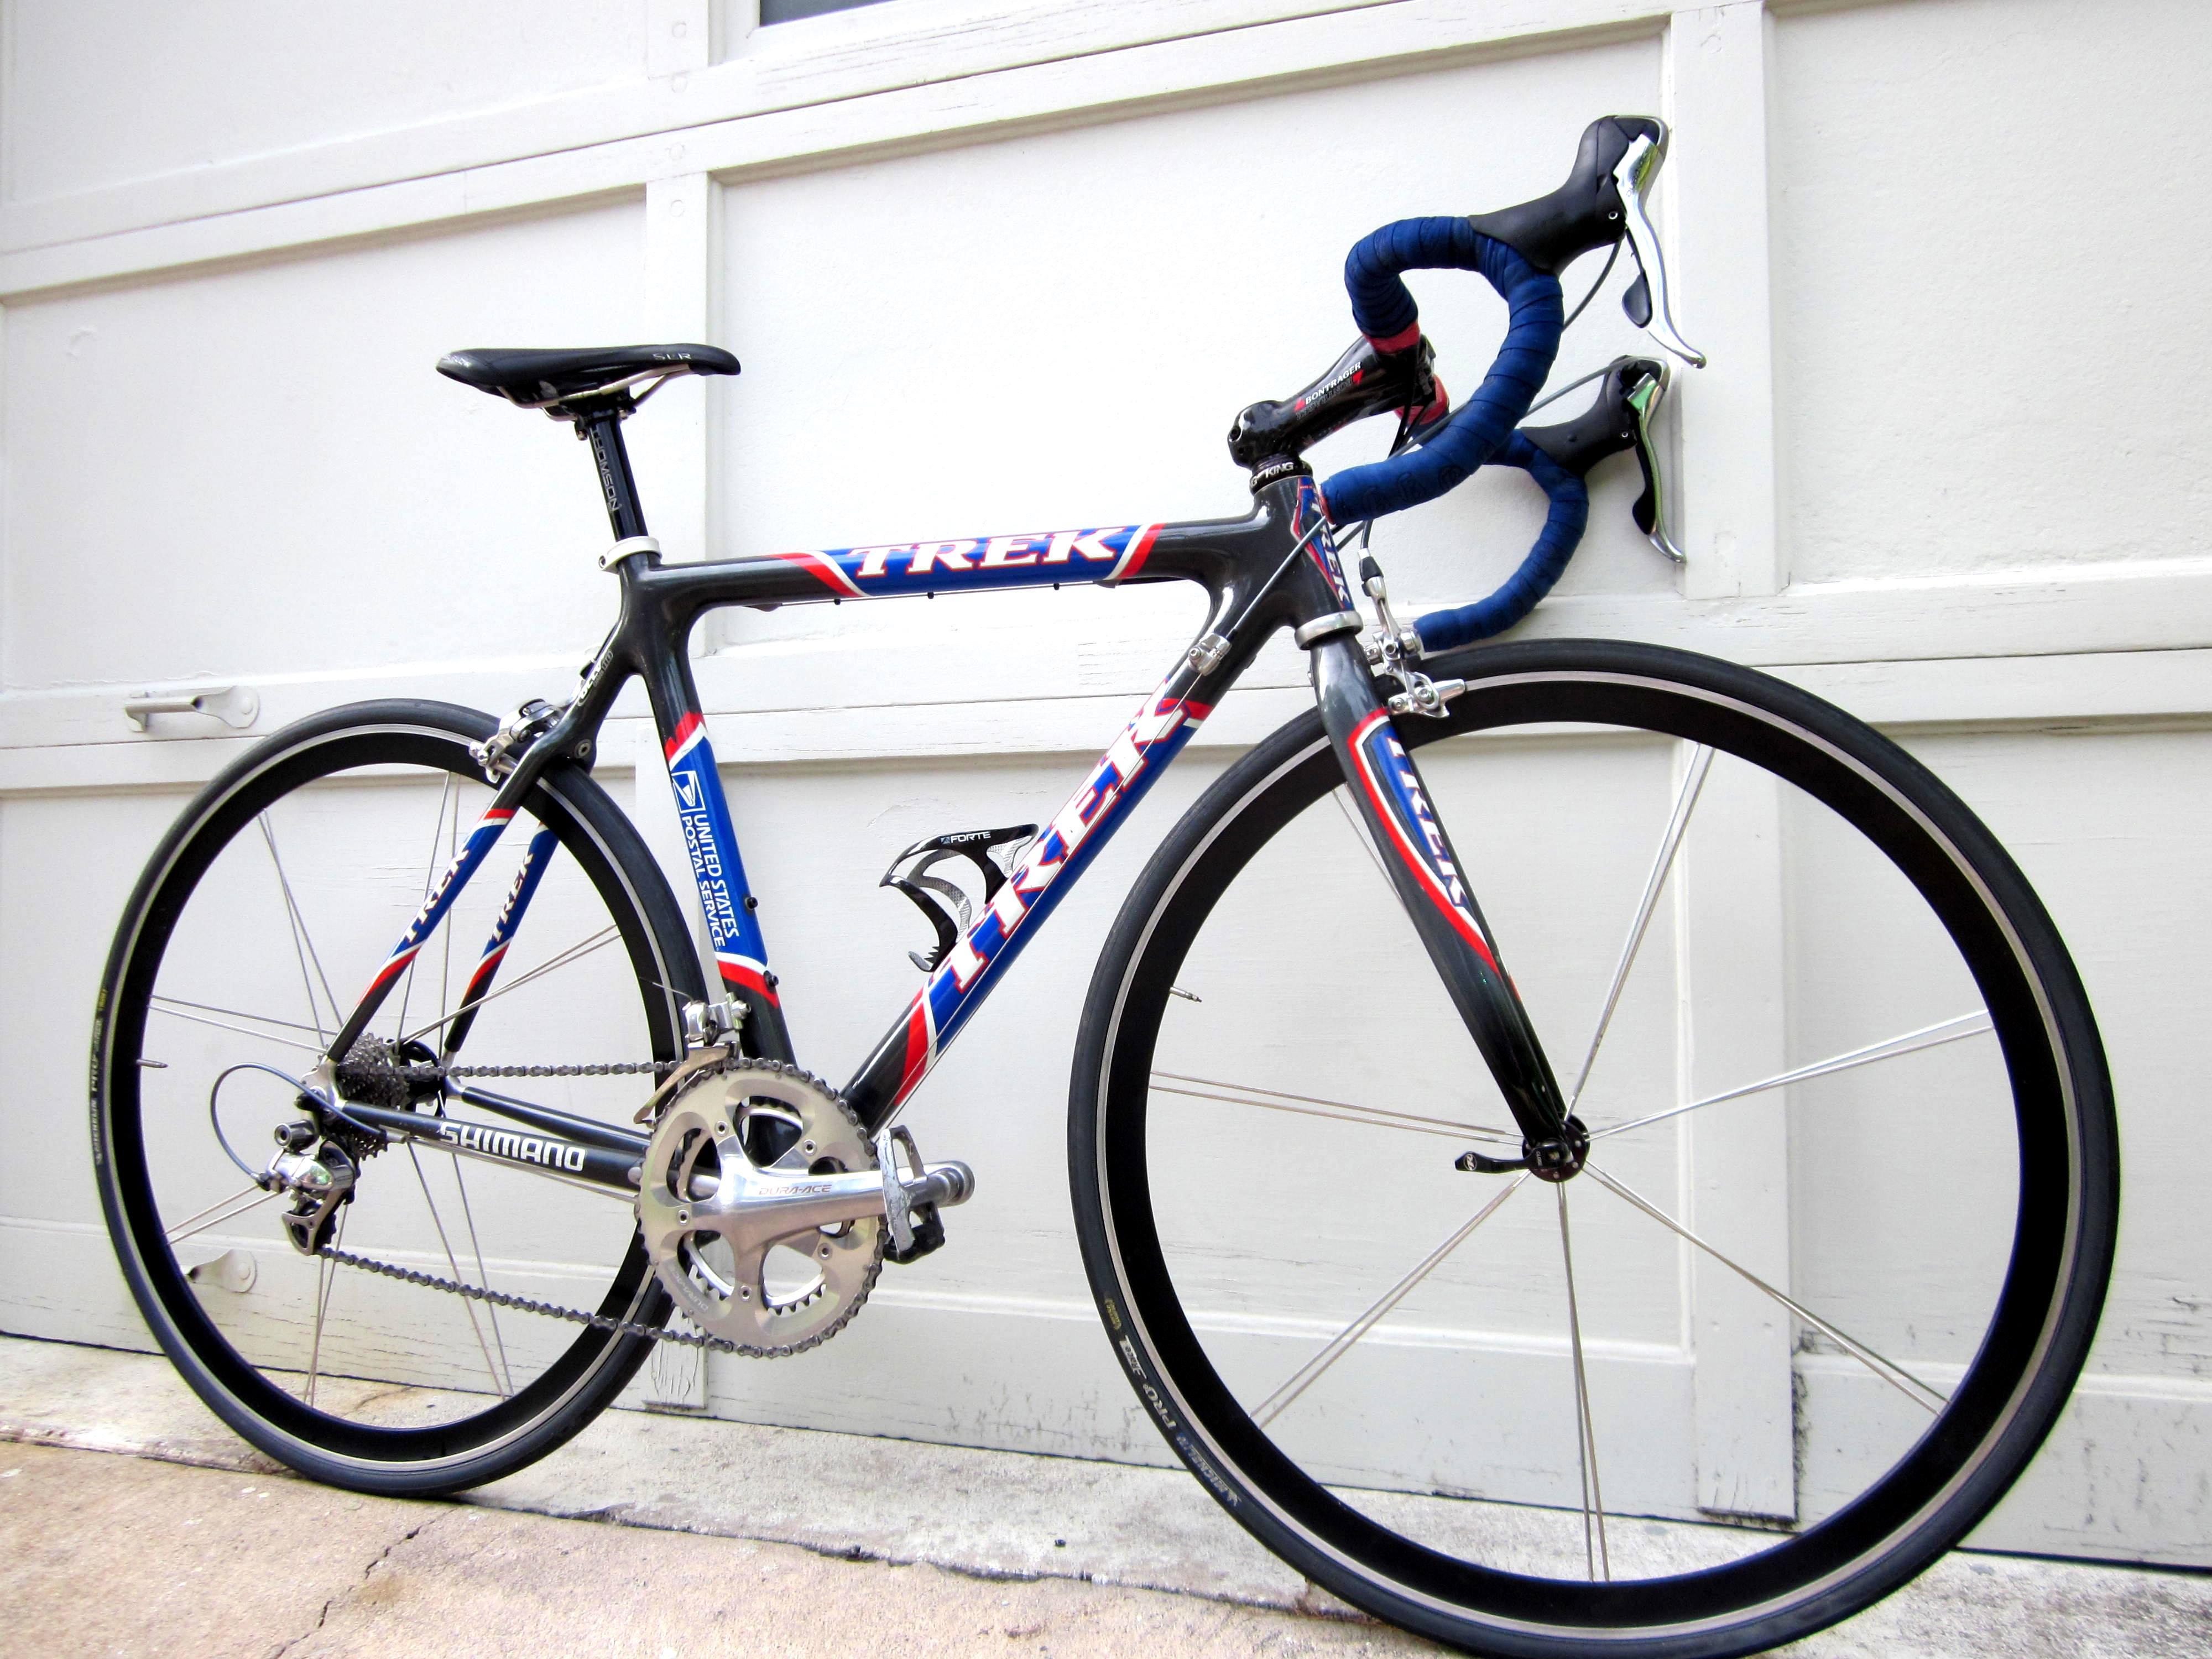 Trek 5900 Full Dura Ace Ultra Light Racing Bike 54cm